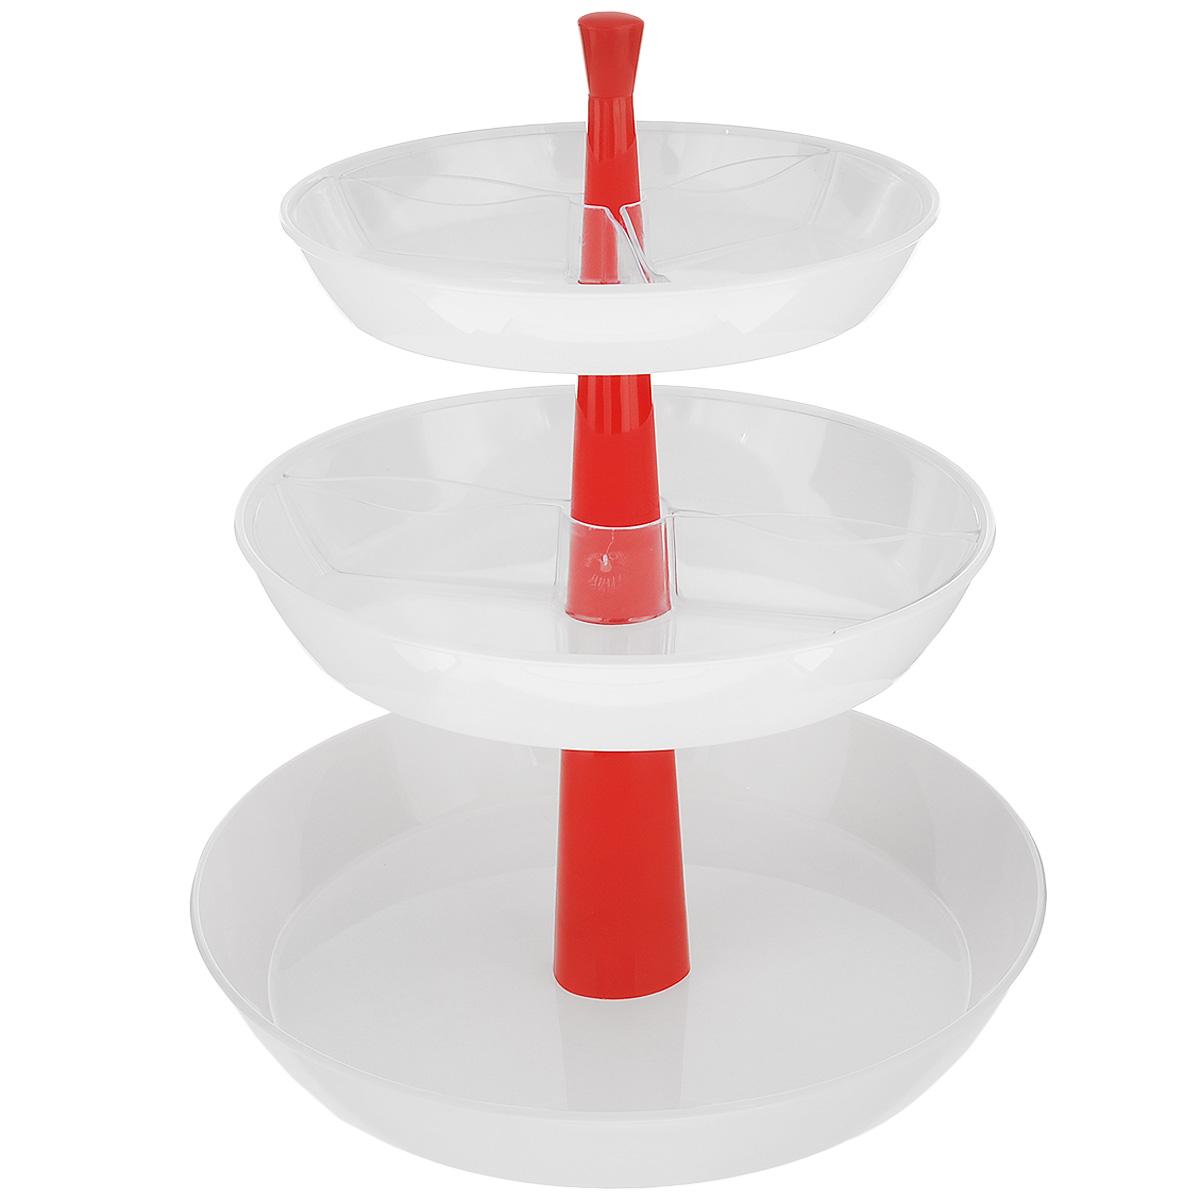 Этажерка глубокая для закусок Tescoma Presto, трехъярусная, цвет: белый, красный, высота 30 см420719Трехъярусная этажерка Tescoma Presto идеально подходит для стильной сервировки чипсов, орешков, печенья, конфет, фруктов, ягод и т.д. Изготовлена из высококачественного прочного пластика. Состоит из трех глубоких пластиковых блюд. Прозрачные съемные миски помогут красиво разложить большое количество закусок и при этом не смешивать их. Этажерку легко собрать и разобрать, она удобна для хранения. Блюда пригодны для мытья в посудомоечной машине, раскладной центральный стержень мыть в посудомоечной машине нельзя. Высота этажерки: 30 см. Диаметр блюд: 17,5 см, 21 см, 26 см. Высота стенок блюд: 4 см.